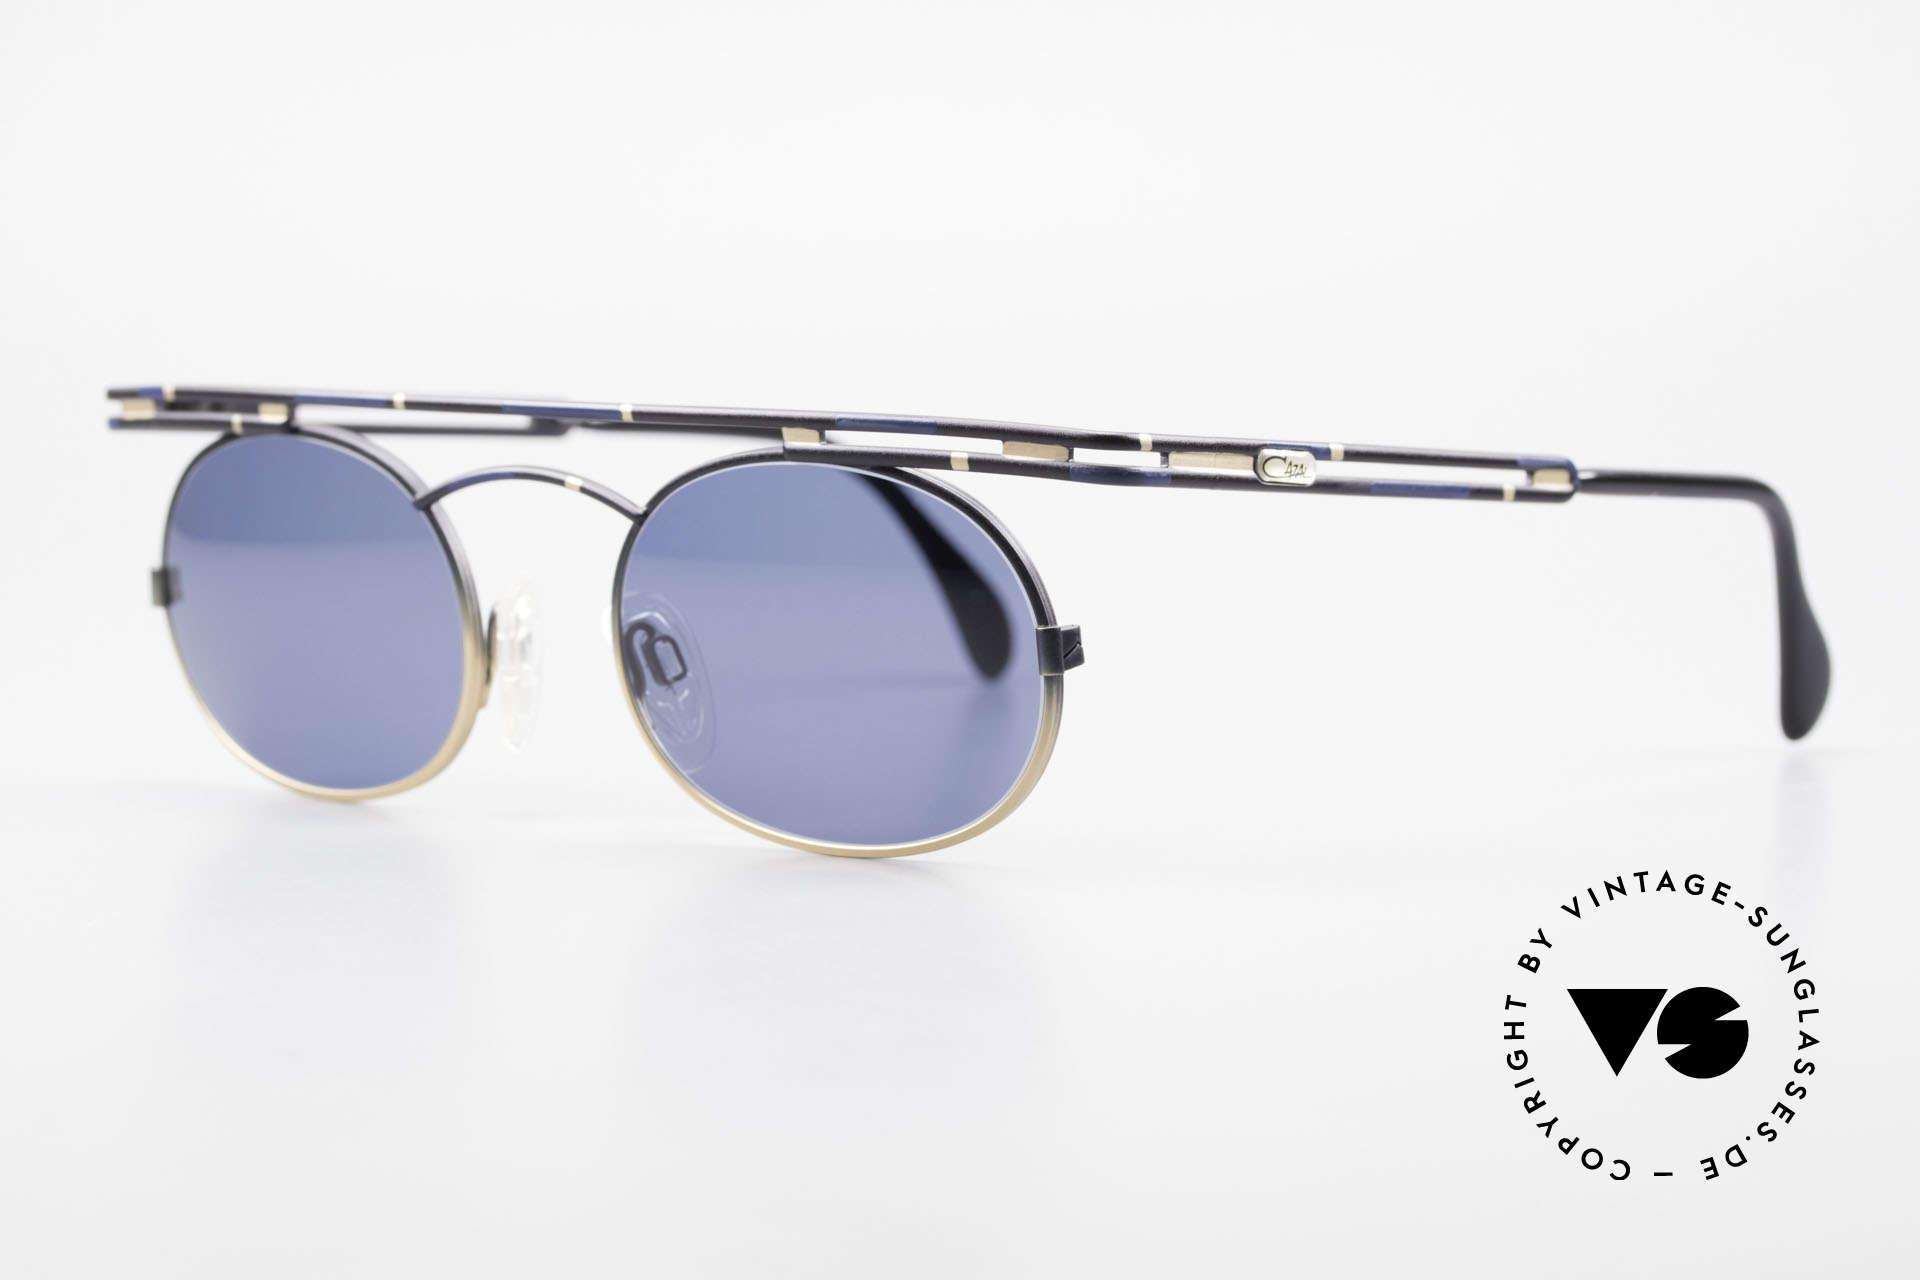 Cazal 761 Alte 90er Cazal Sonnenbrille, beste Verarbeitungsqualität 'made in Germany', Passend für Herren und Damen